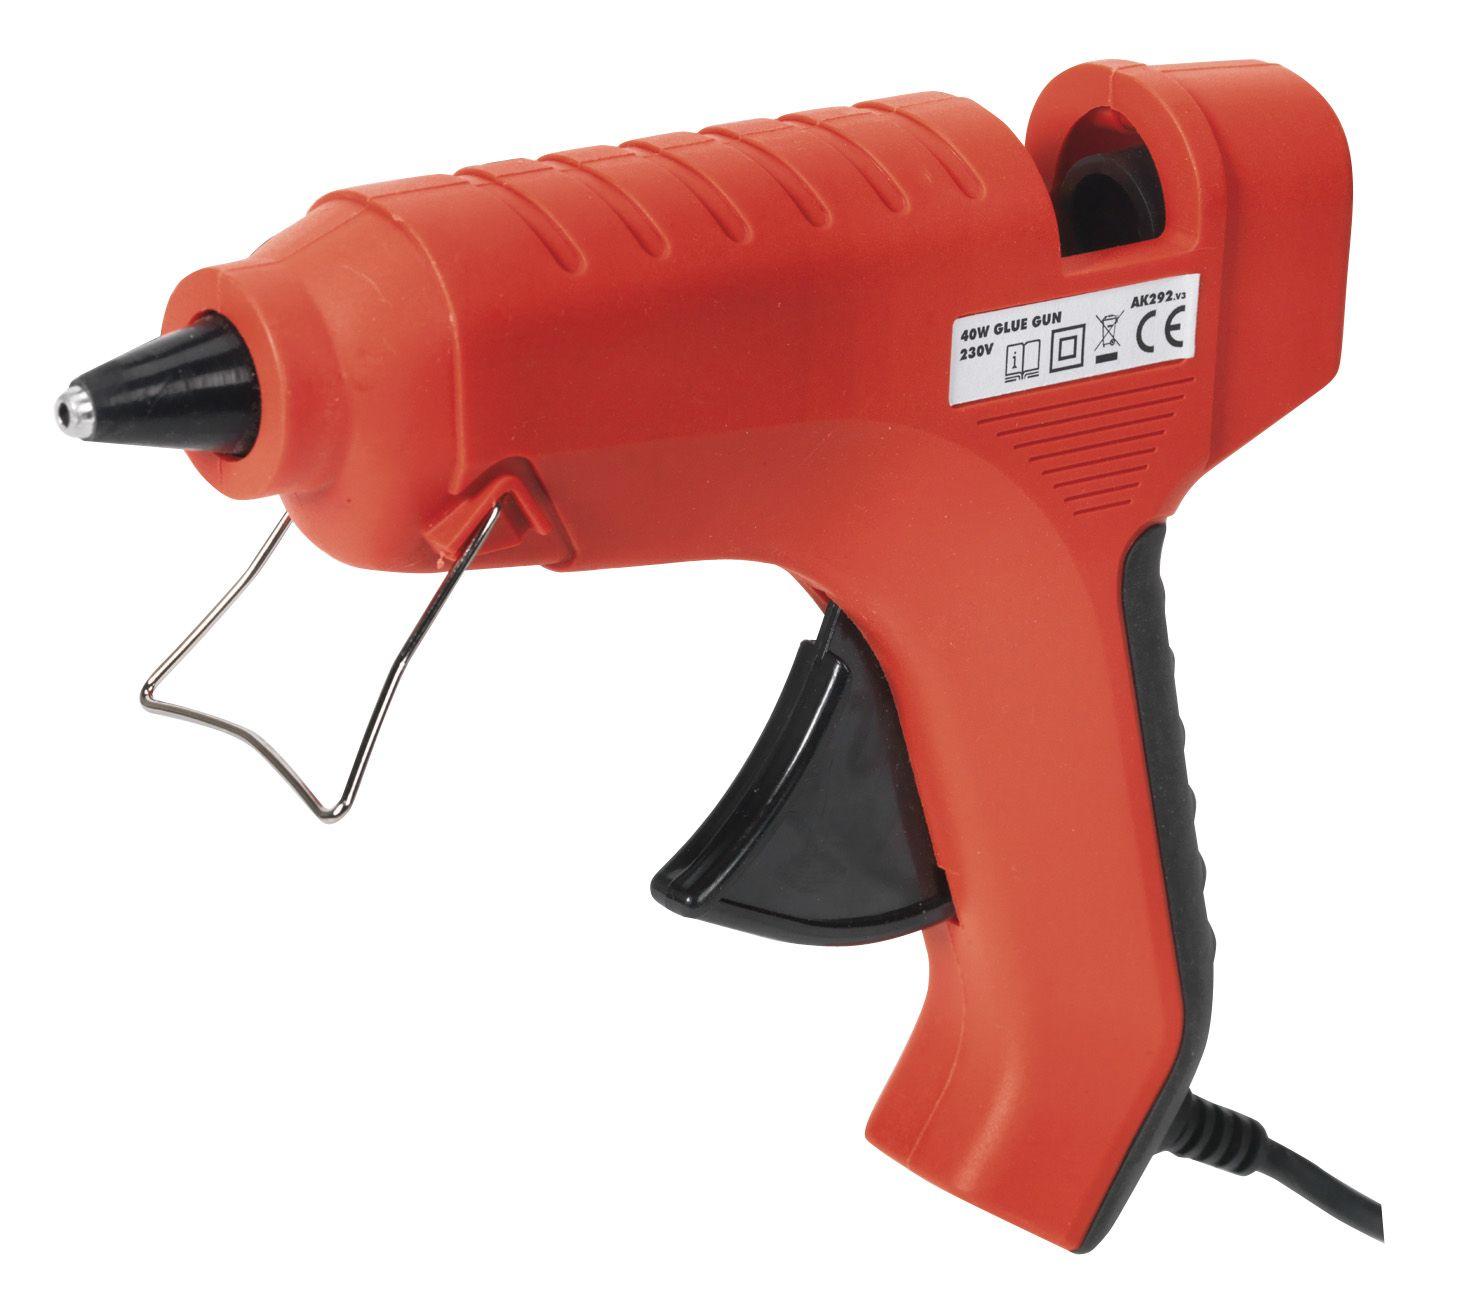 Sealey Glue Gun 40W 230V